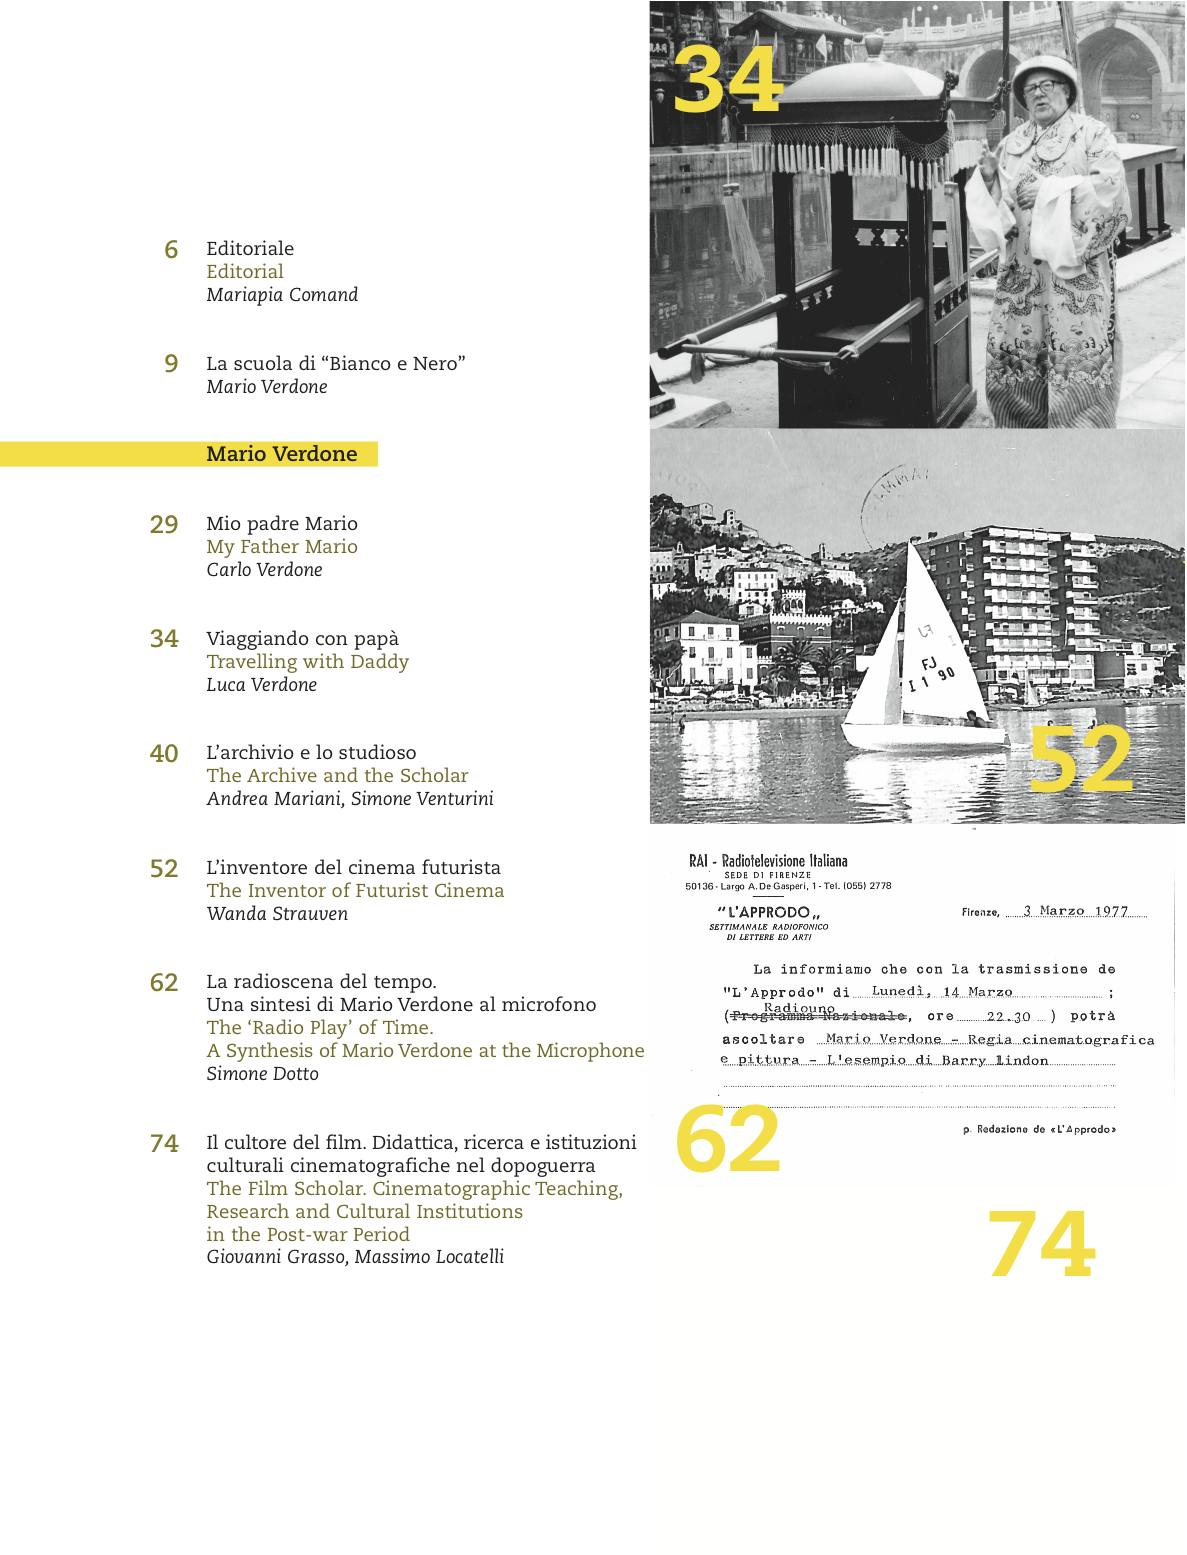 bn-588-589-22-09-17-trascinato